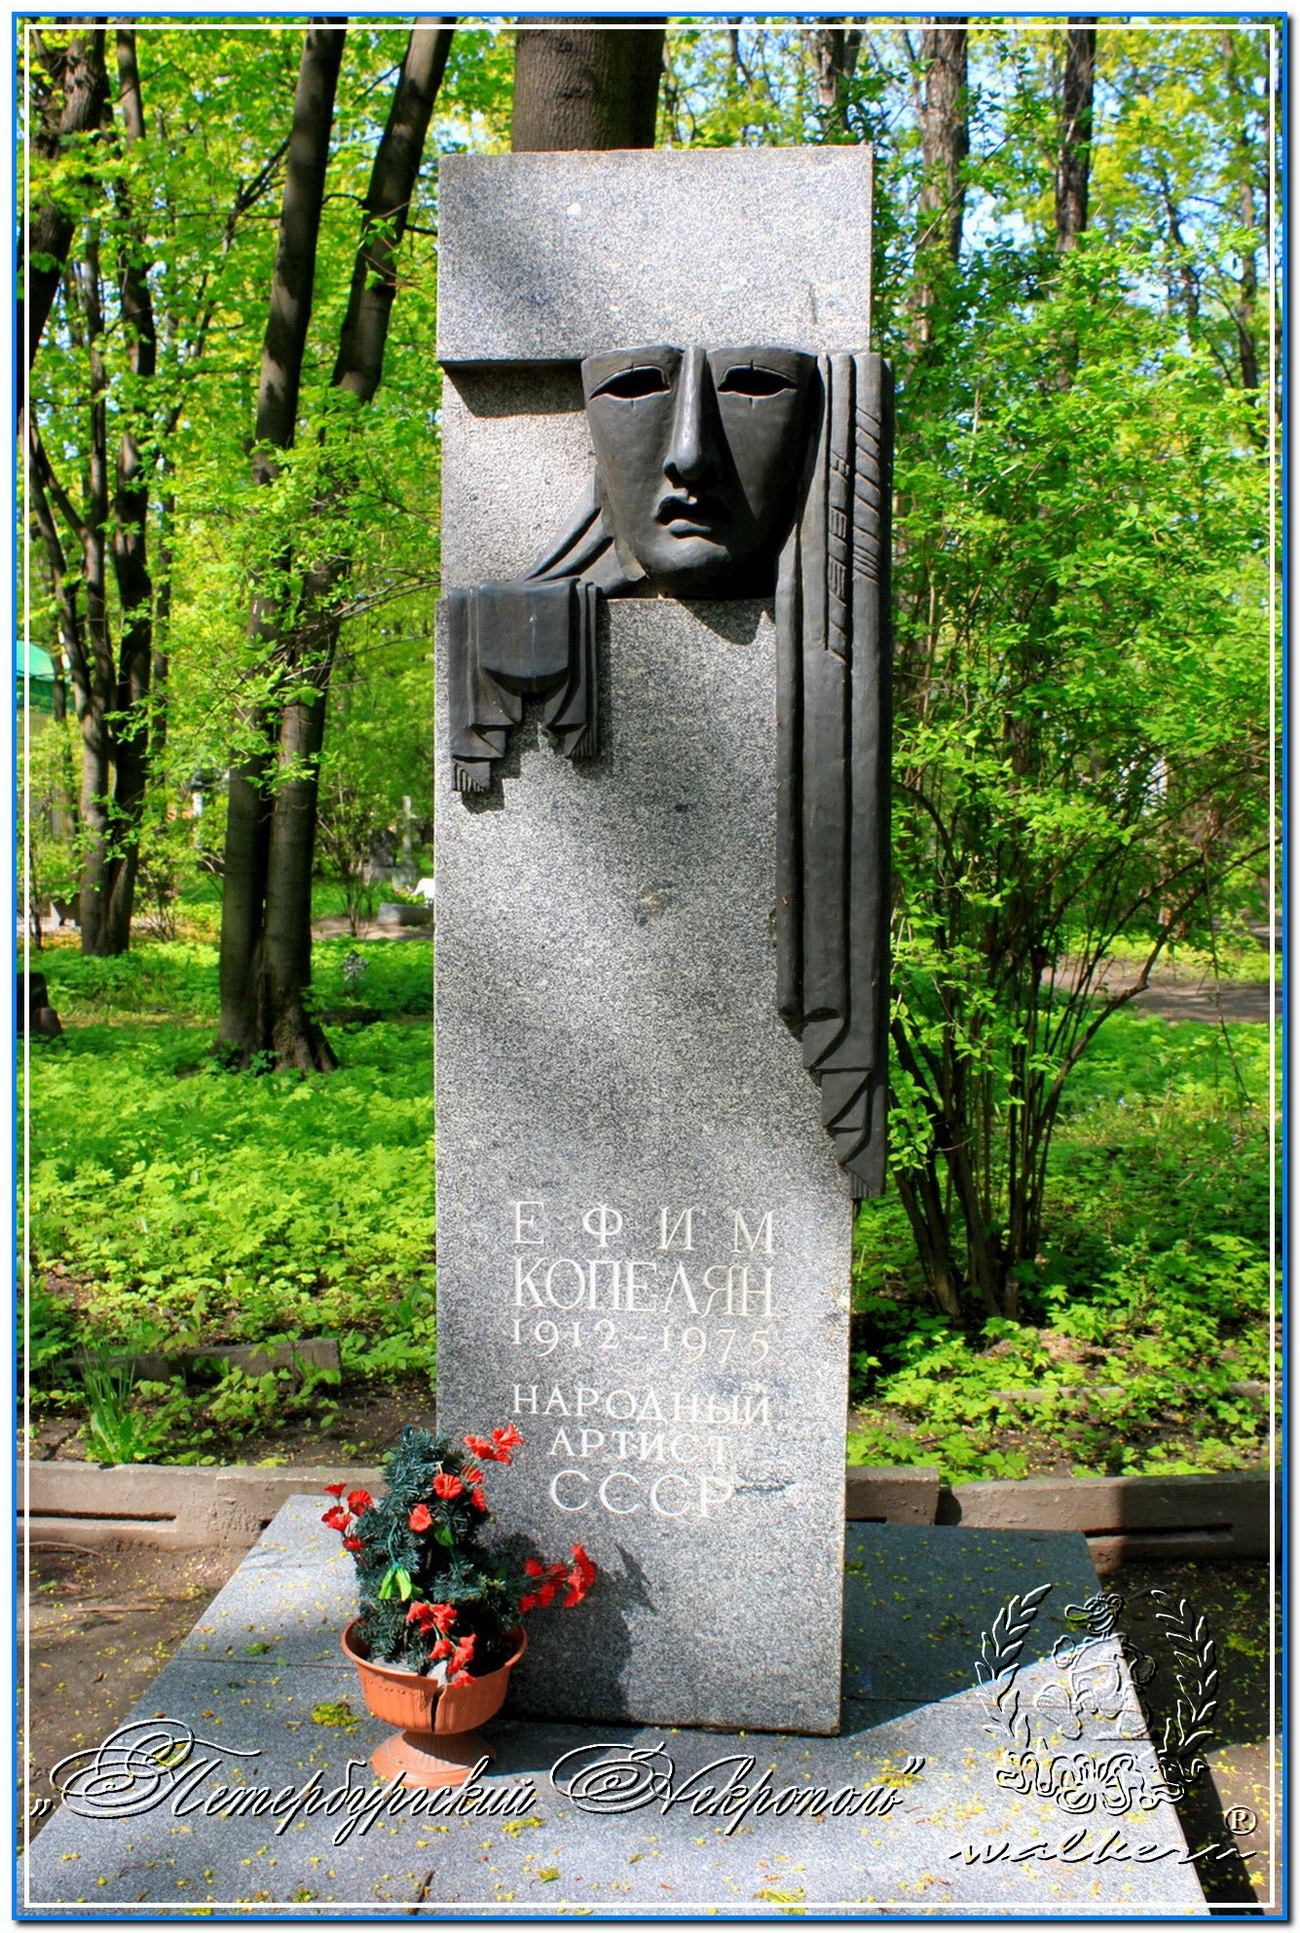 Ефим Копелян биография, фото, личная жизнь, фильмография, смерть - 24СМИ 53